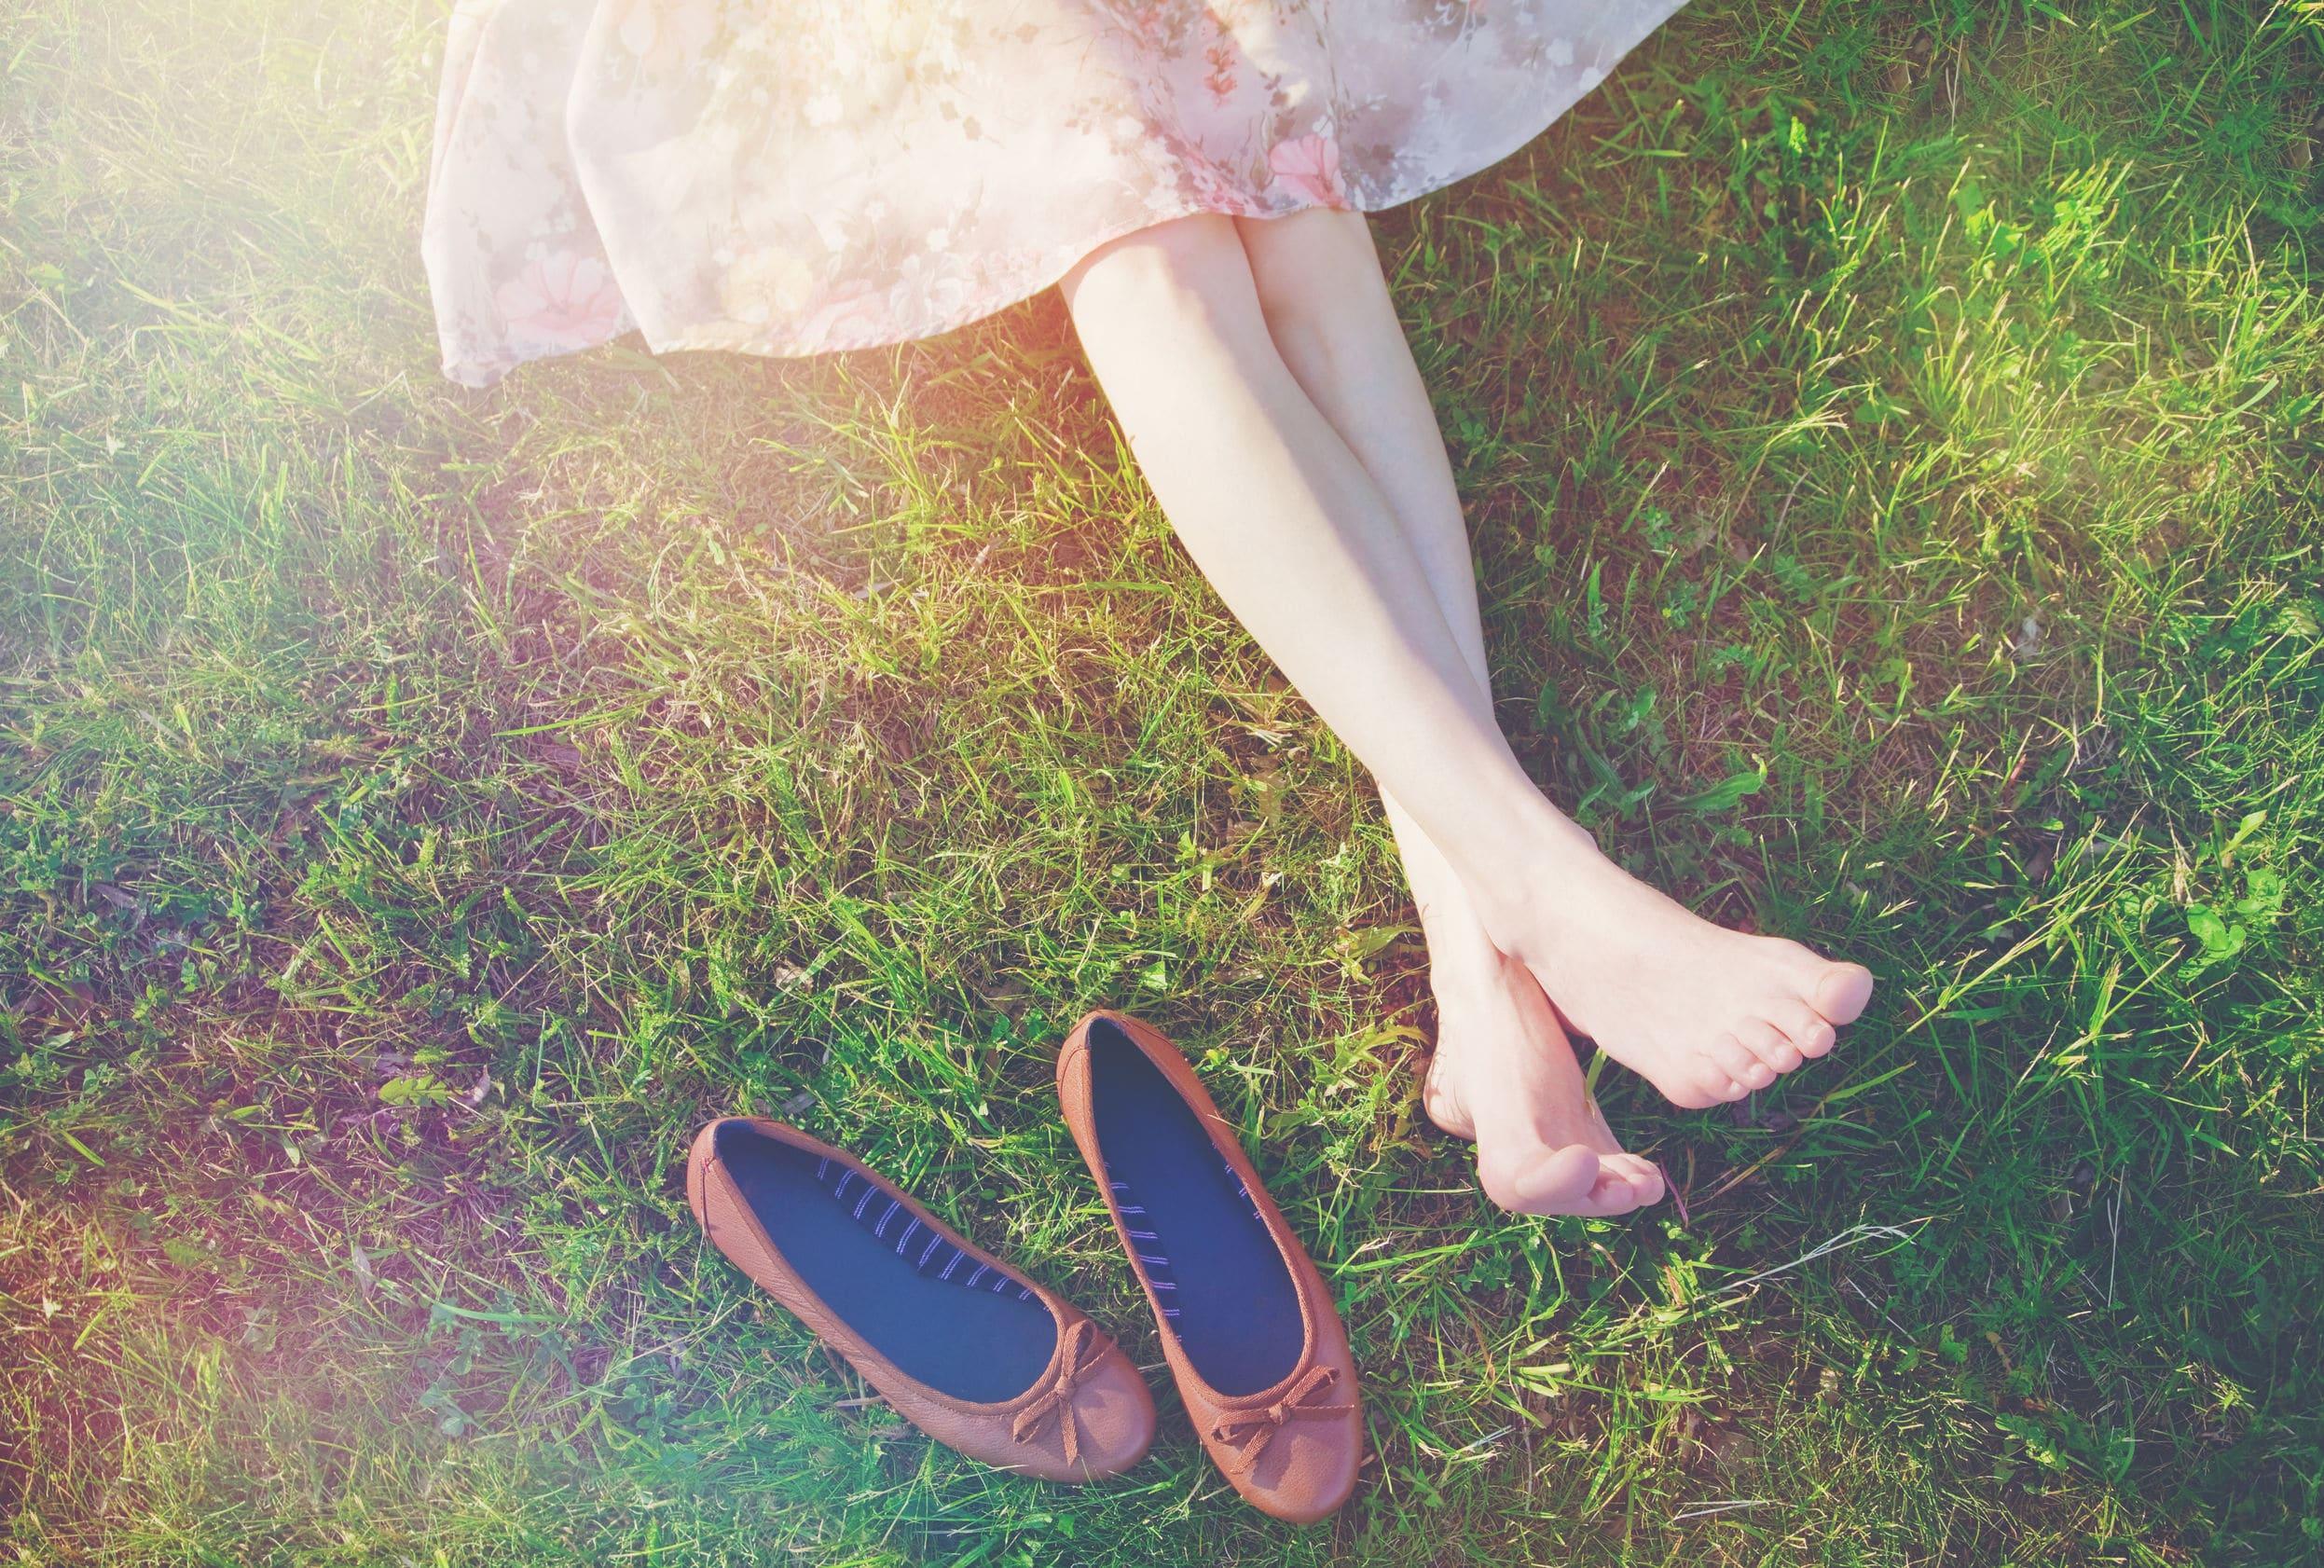 Pernas de uma menina deitada no gramado de pés descalços e um pedaço do vestido rosa florido a mostra. Ao lado, está seu par de sapatilhas vermelhas.